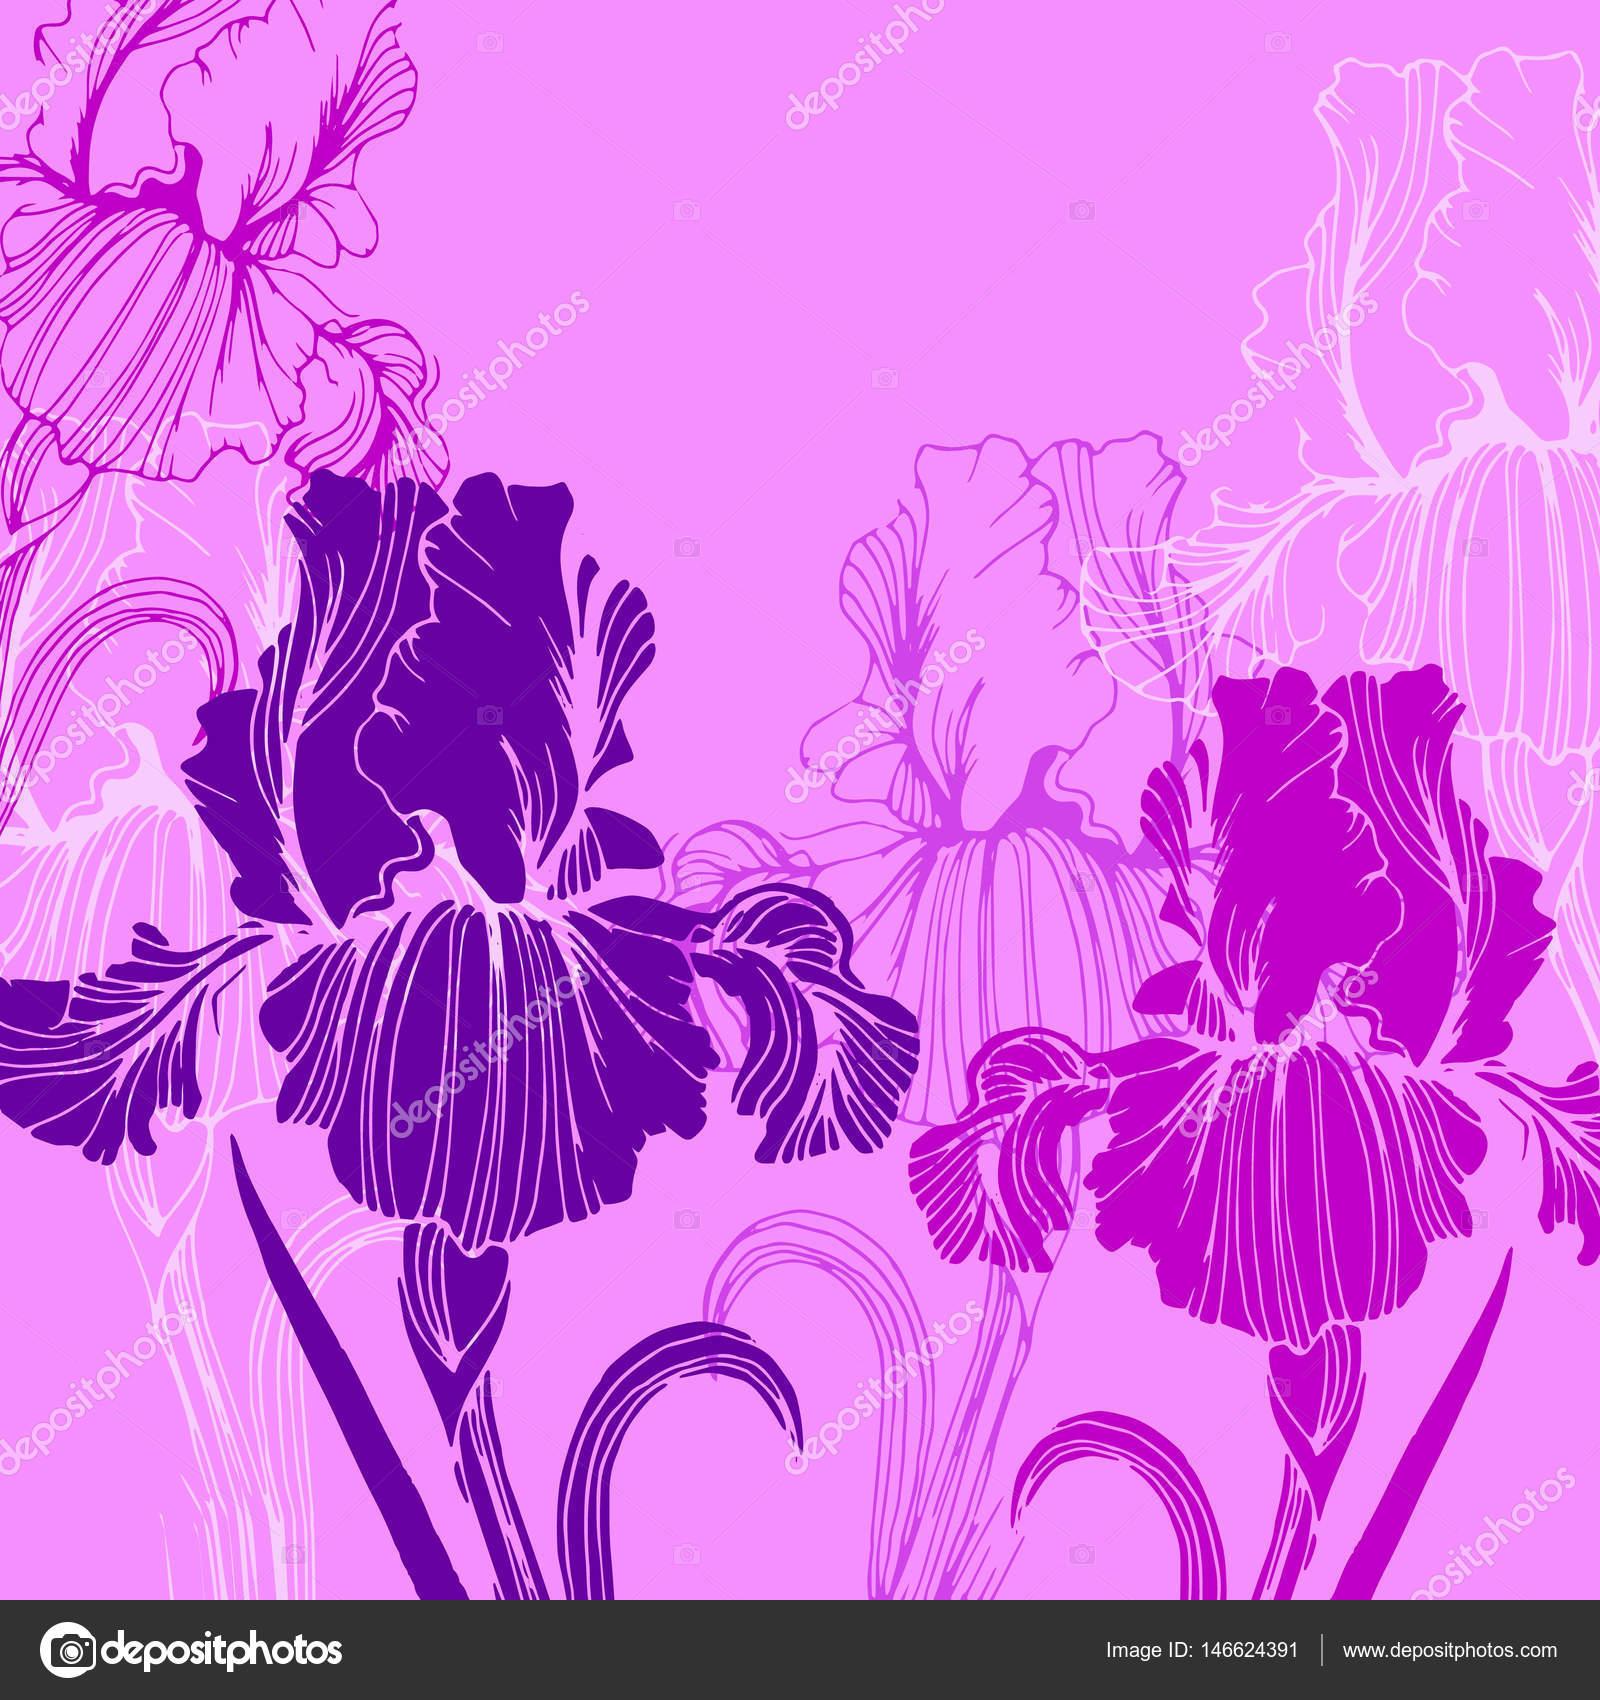 花アイリス自然花植物ベクトル夏春デザインイラスト